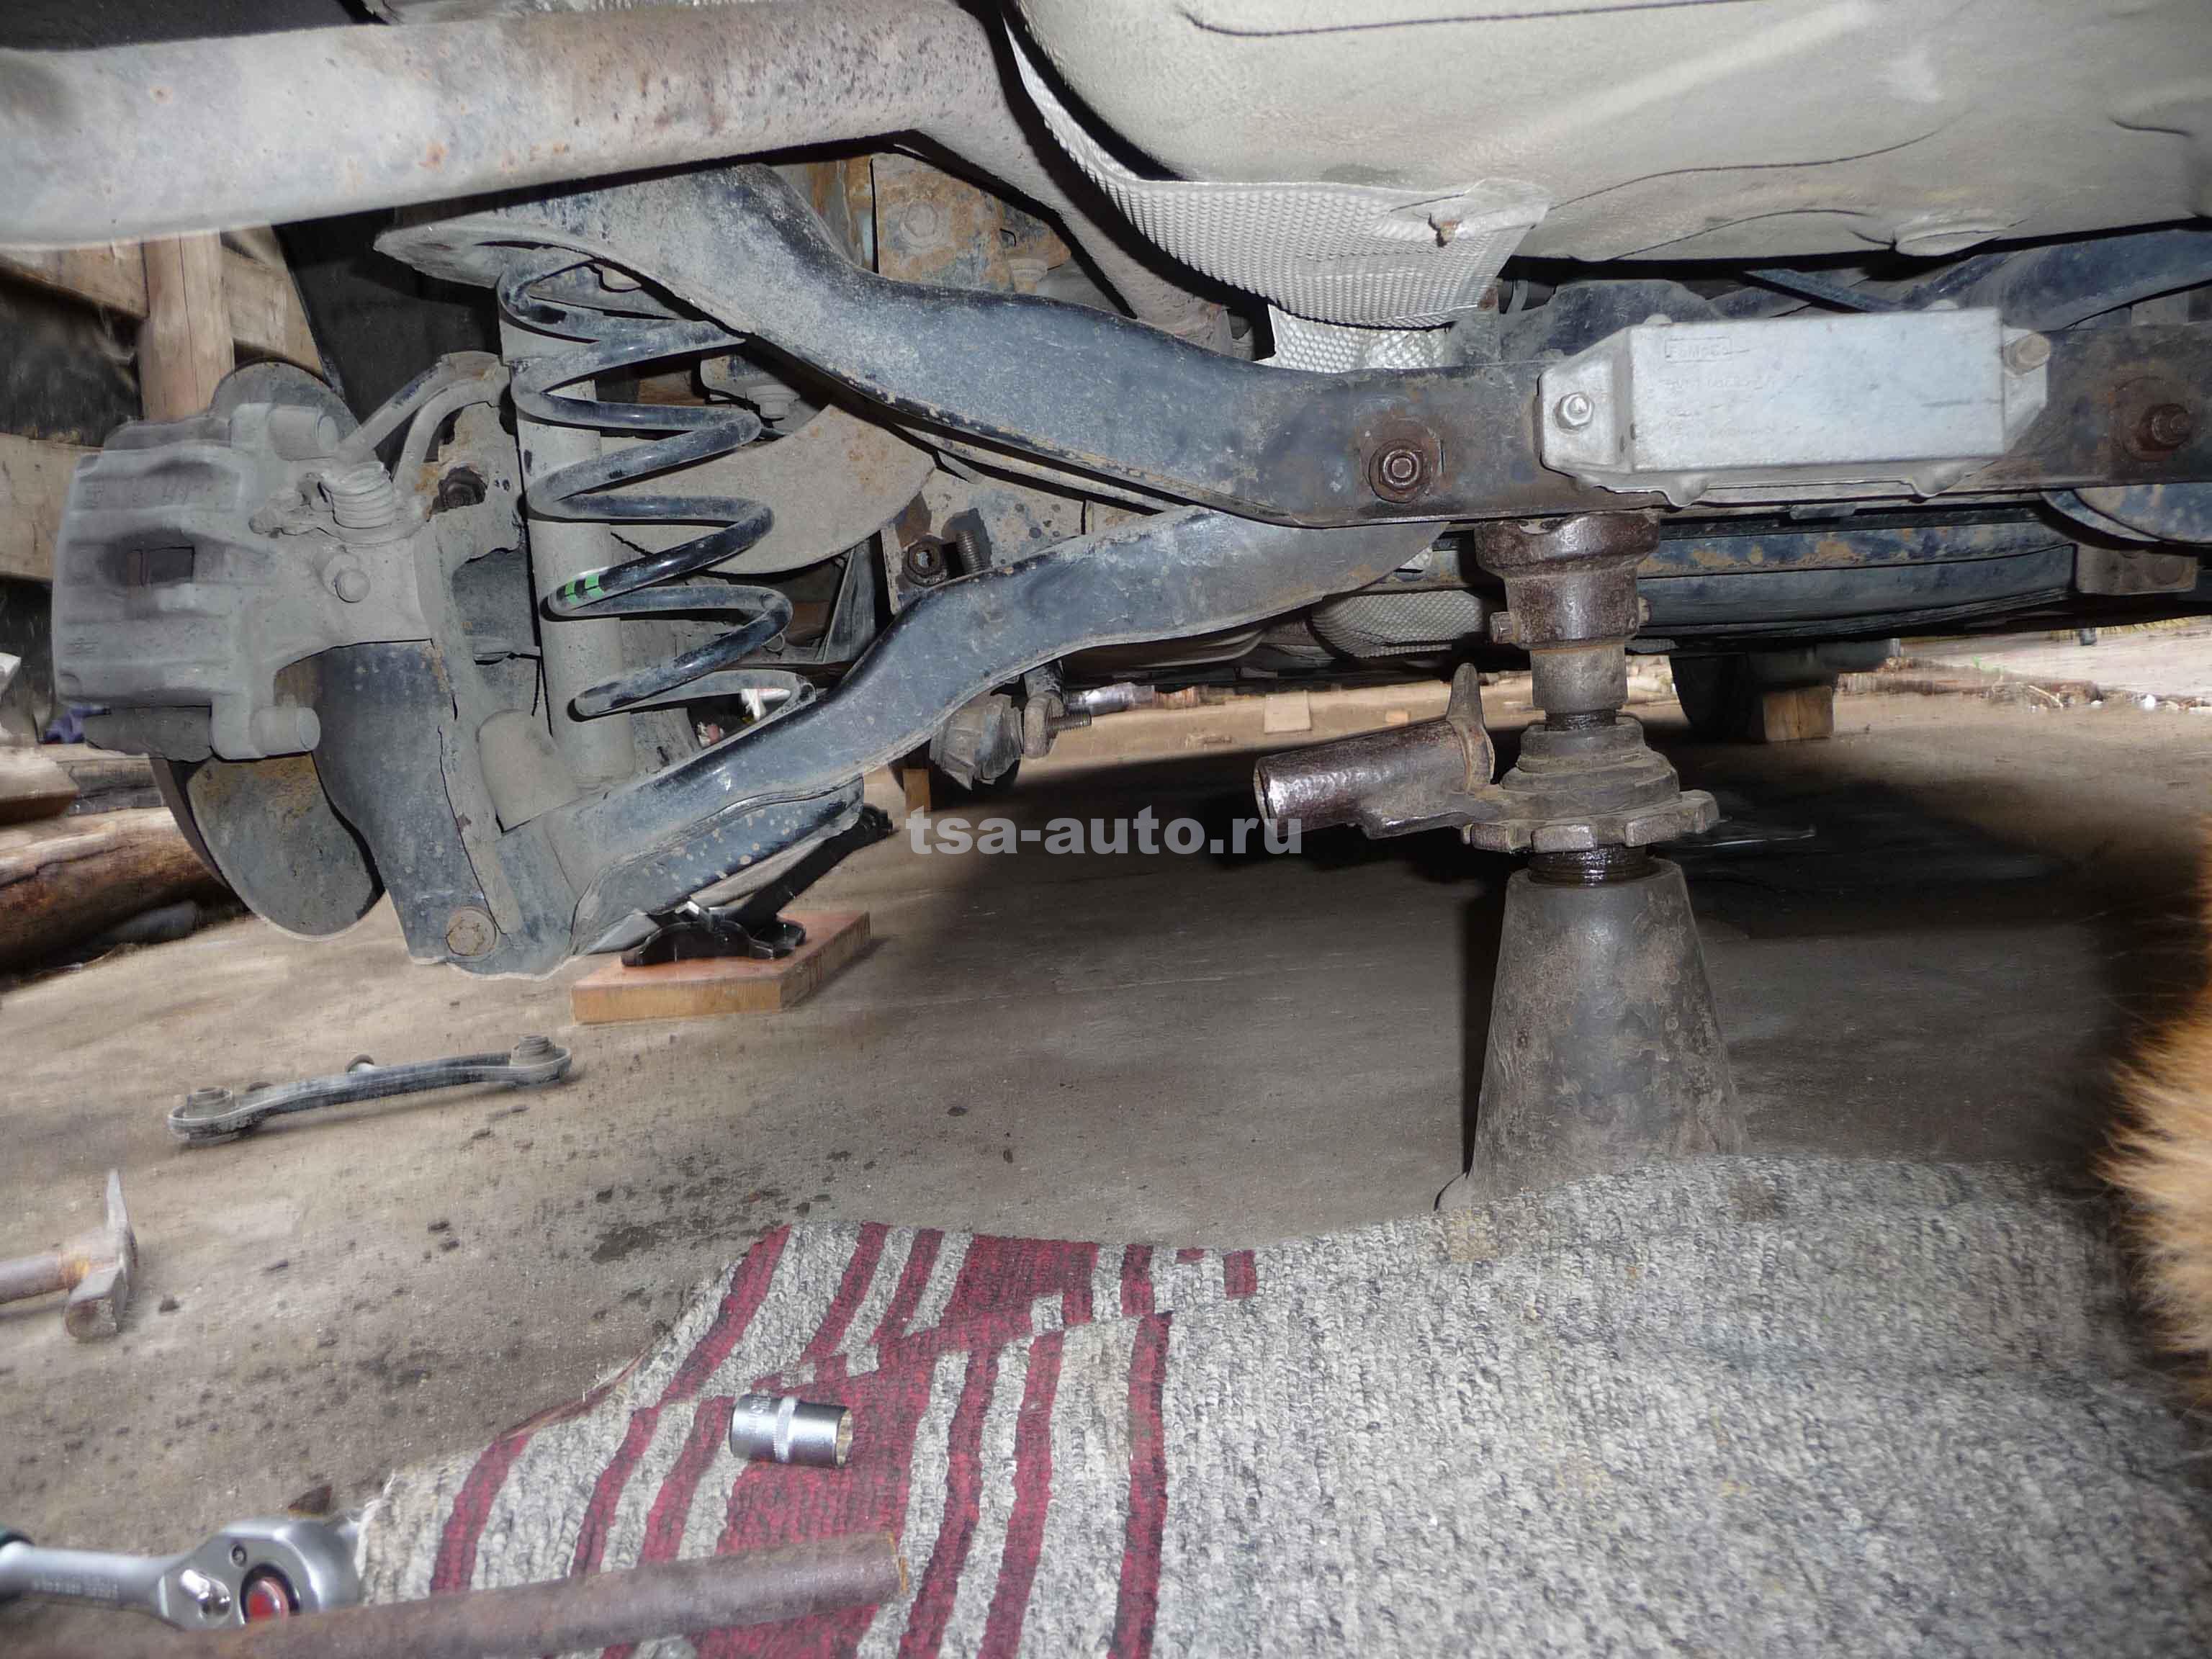 Снятие рычагов задней подвески Форд Фокус 2